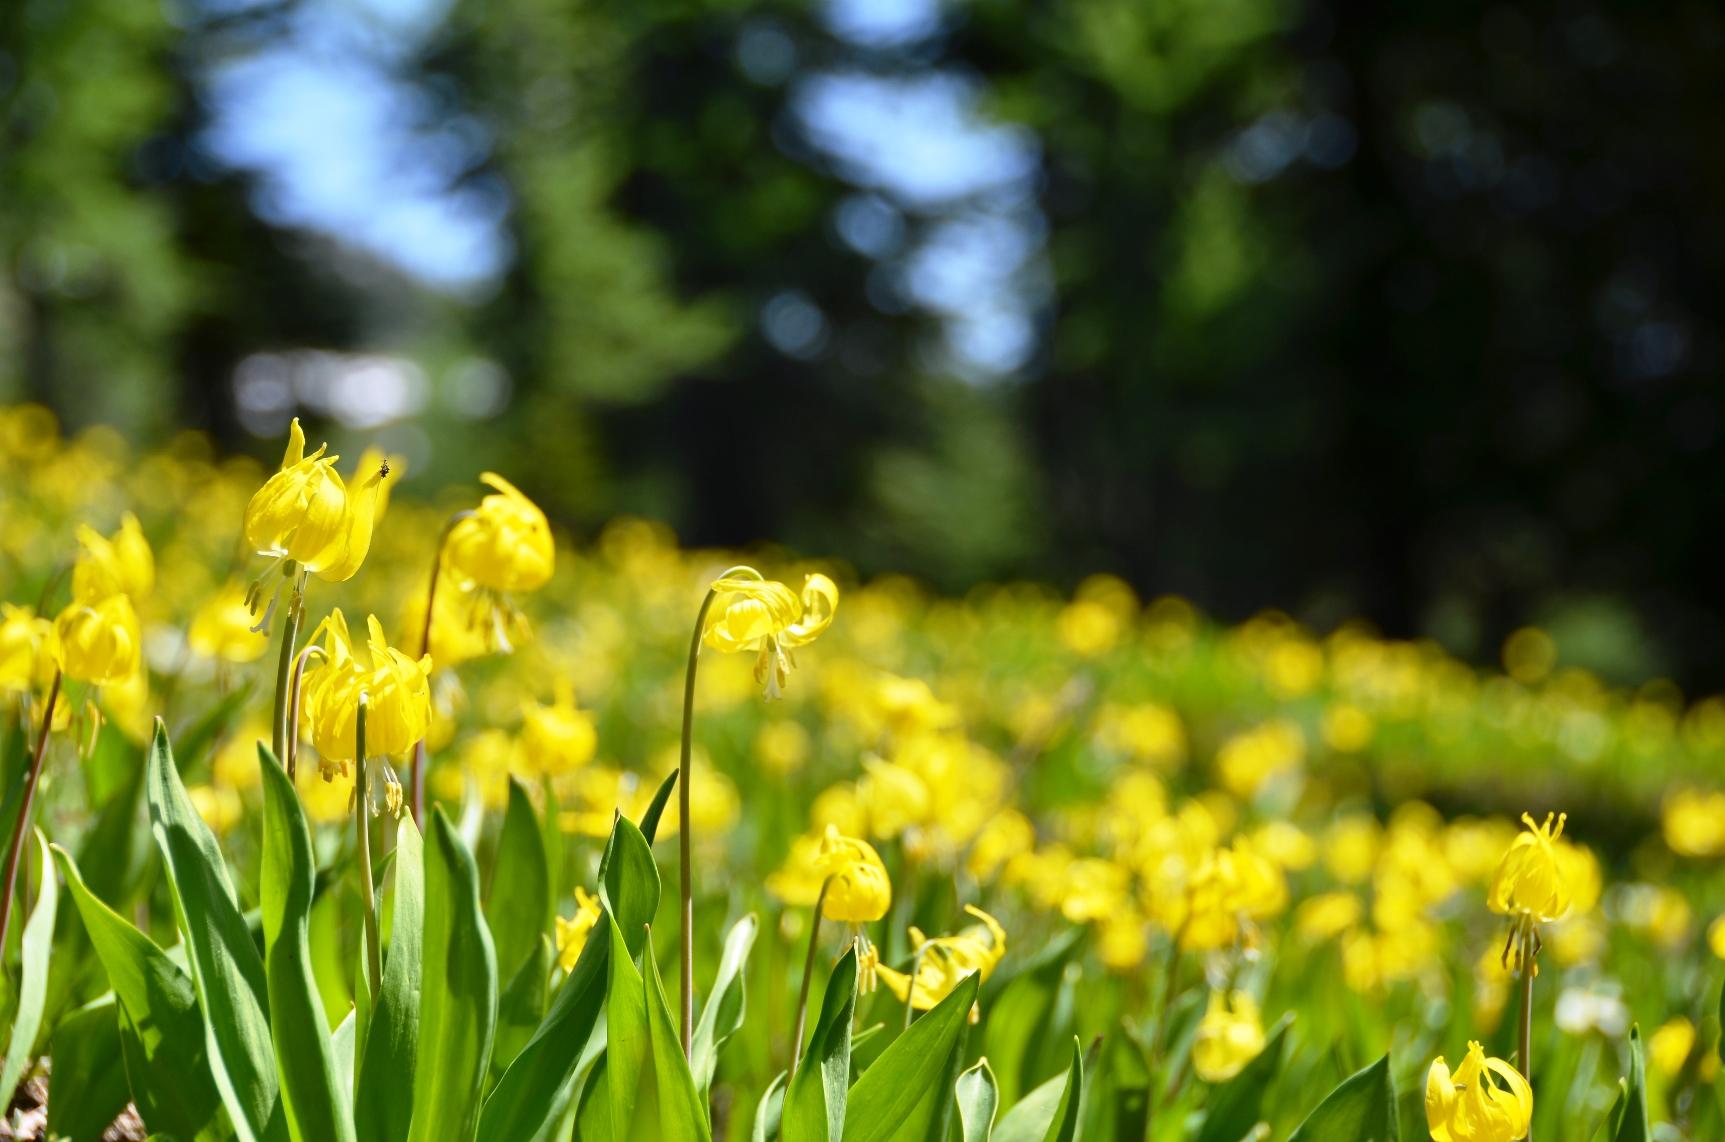 ヒーリークリークでは、初夏に咲くグレーシャーリリー(黄色いカタクリ)